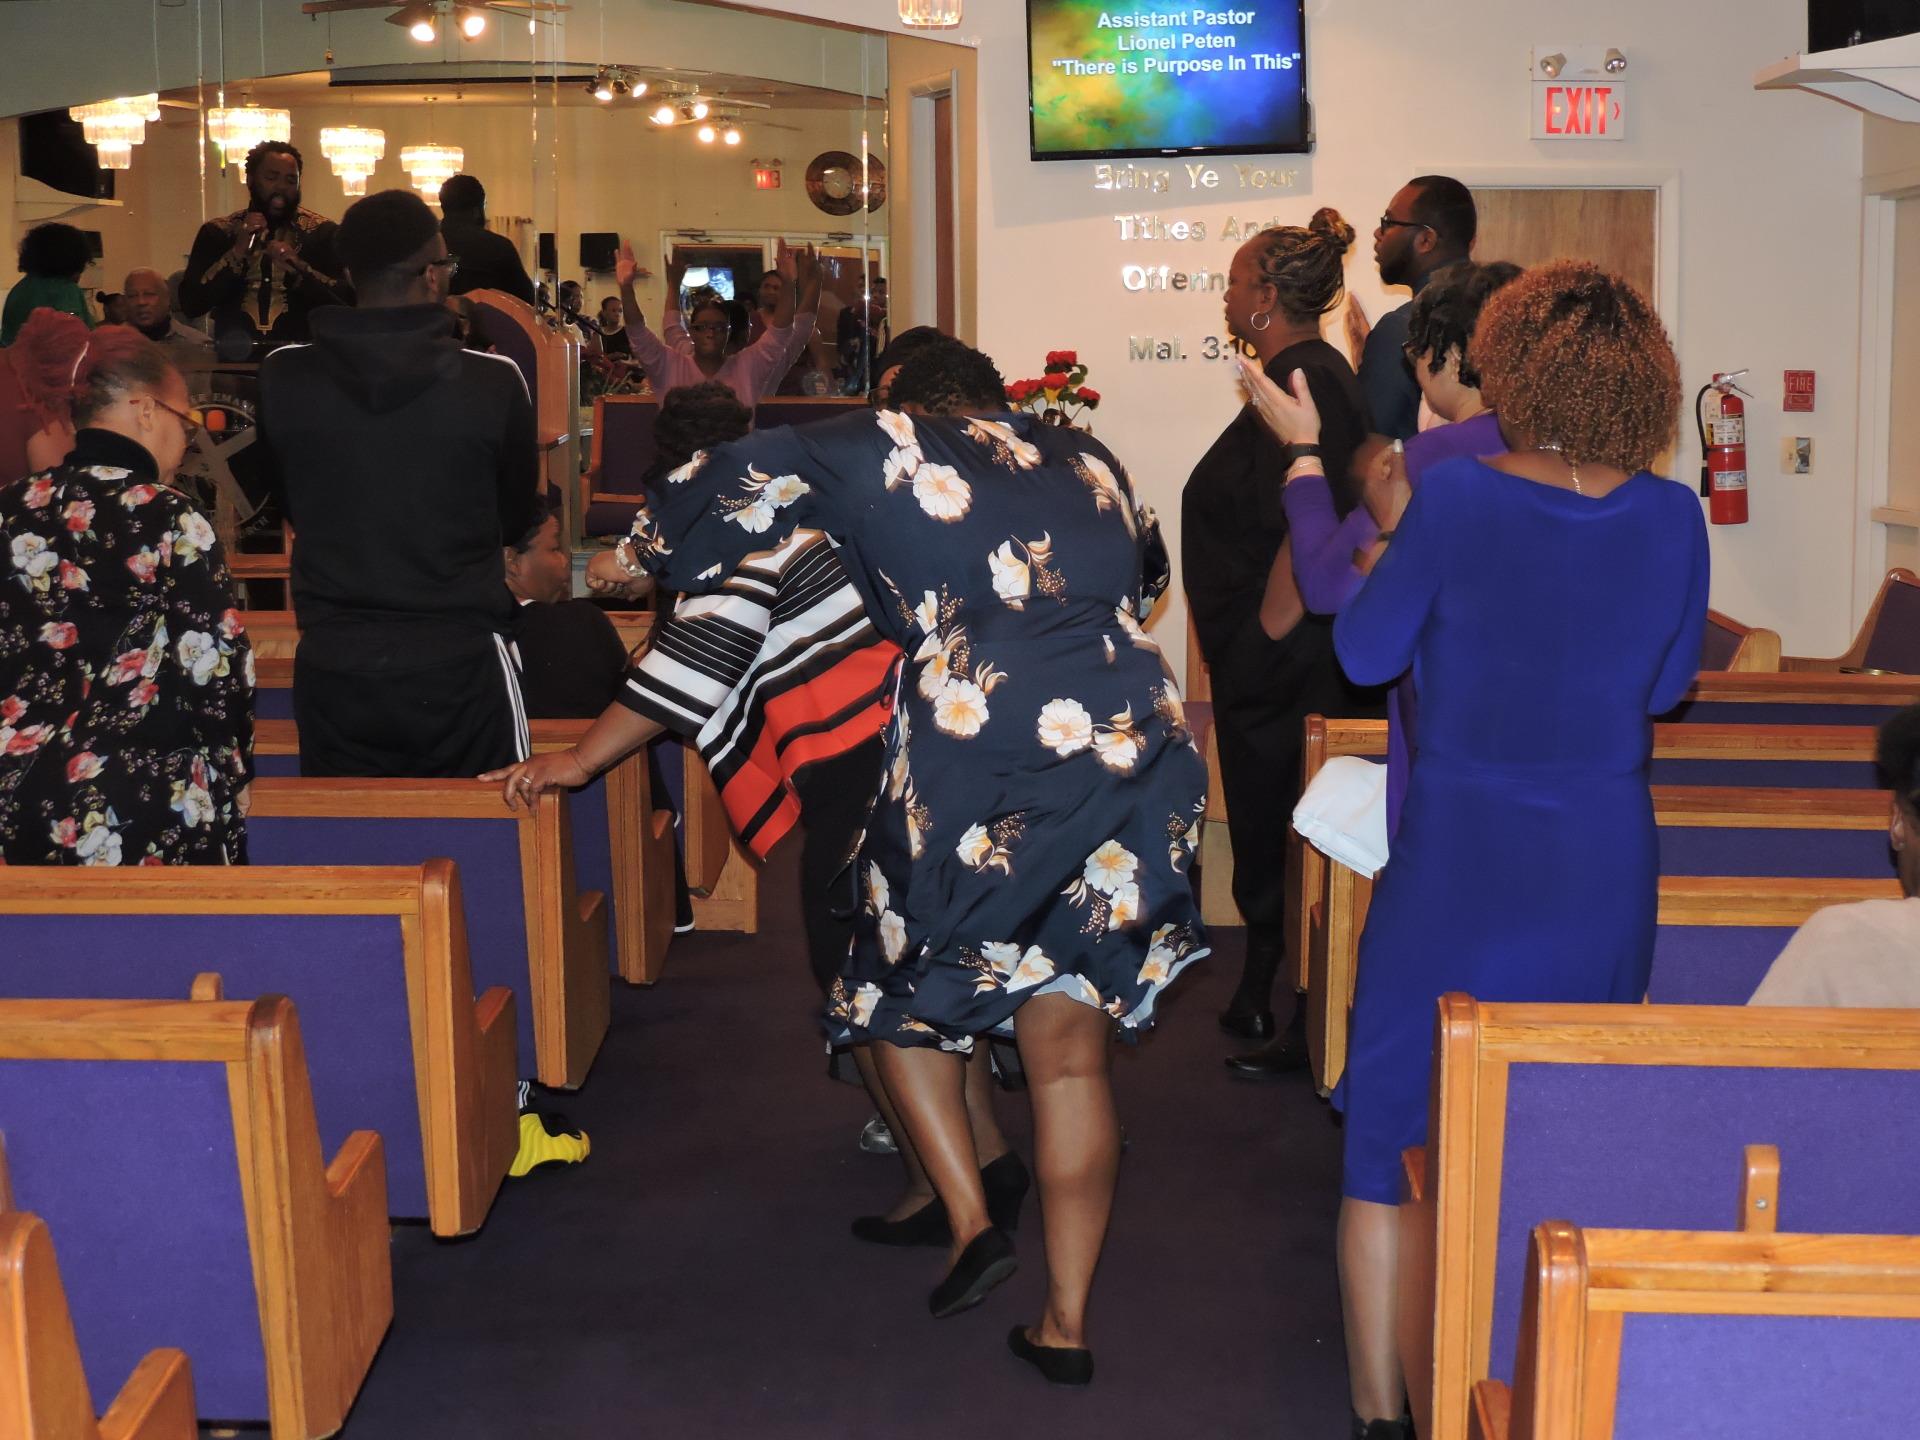 Members Praising God!